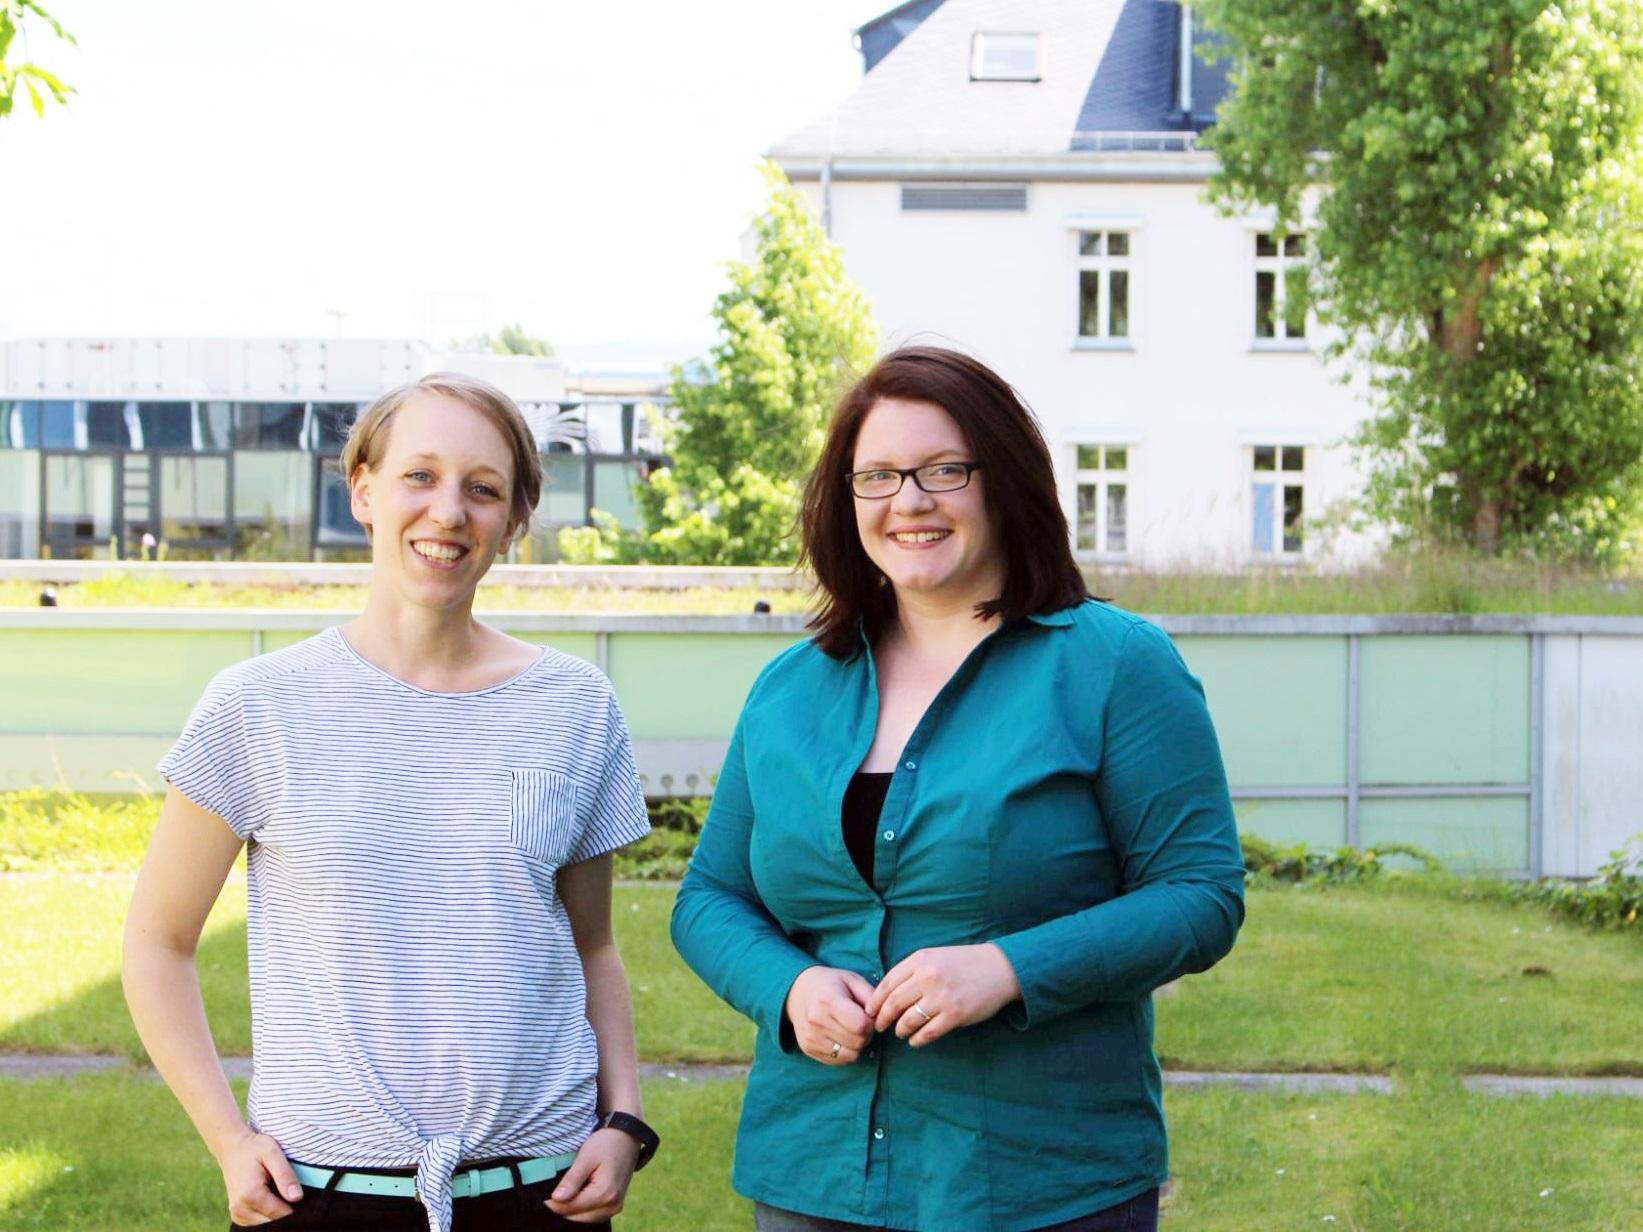 NaWi-Programmkoordinatorin Solveig Schartl (links) und Nachwuchswissenschaftlerin Sarah Schäfer-Althaus (rechts) freuen sich über die gute Zusammenarbeit. Foto: Esther Guretzke